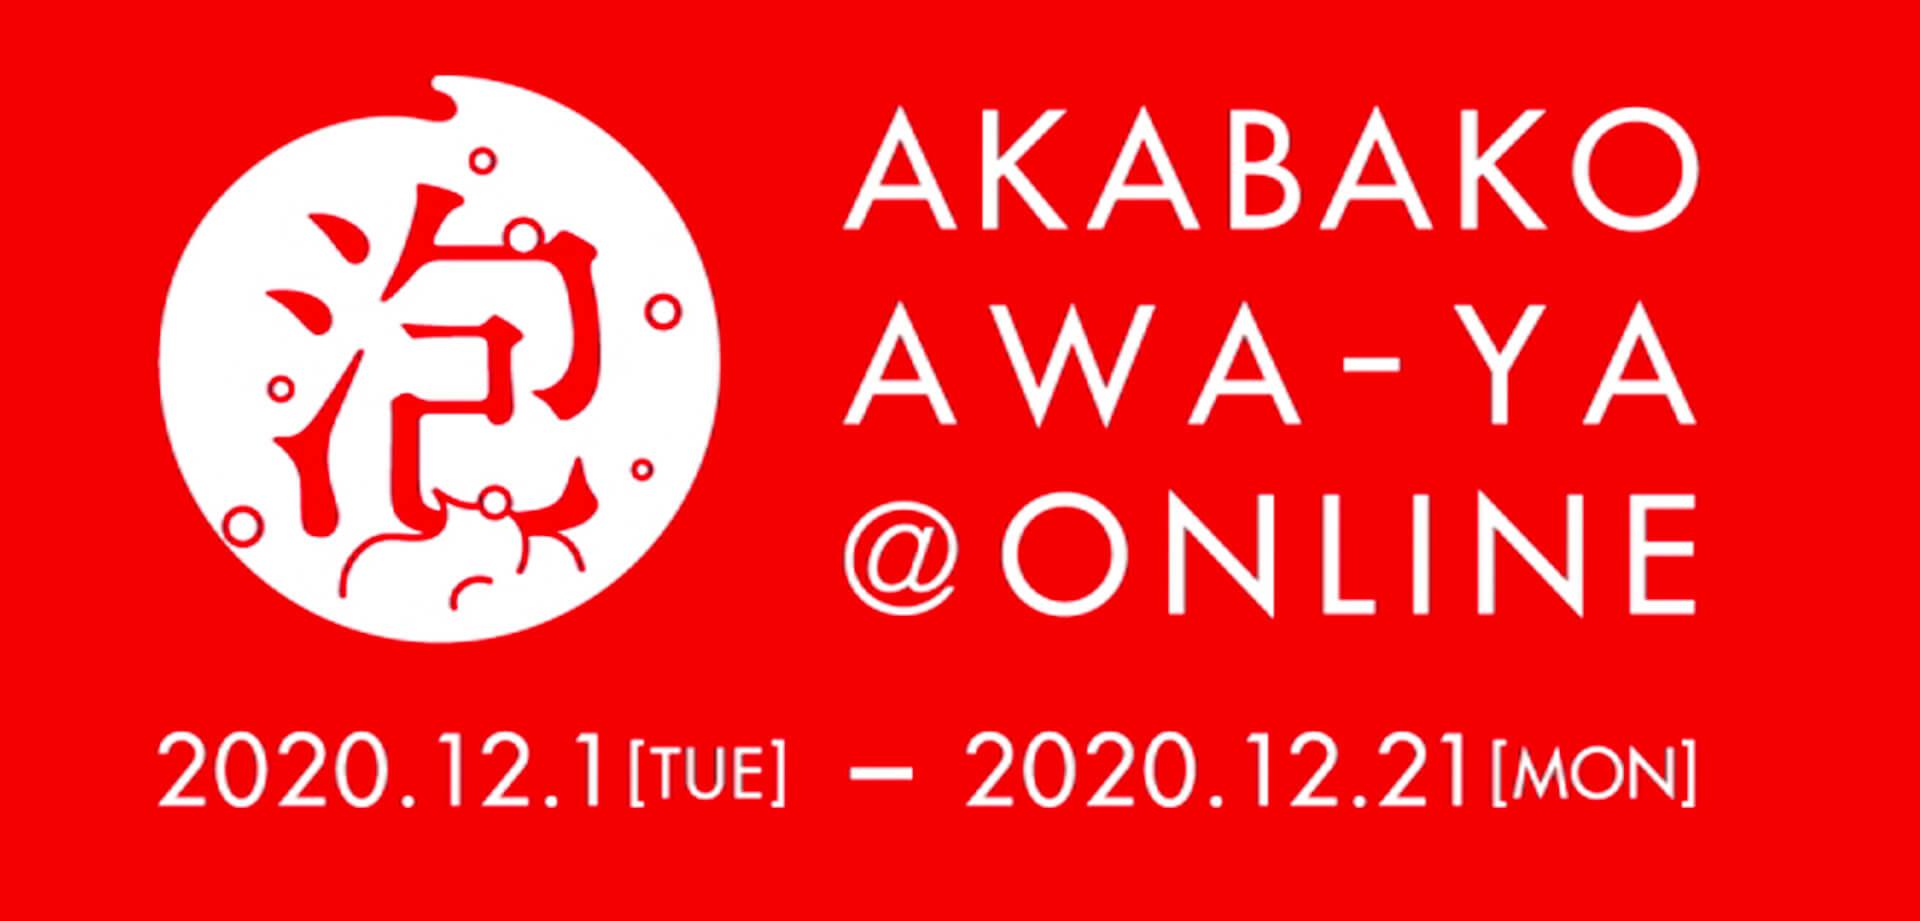 赤箱 AWA-YA@ONLINE